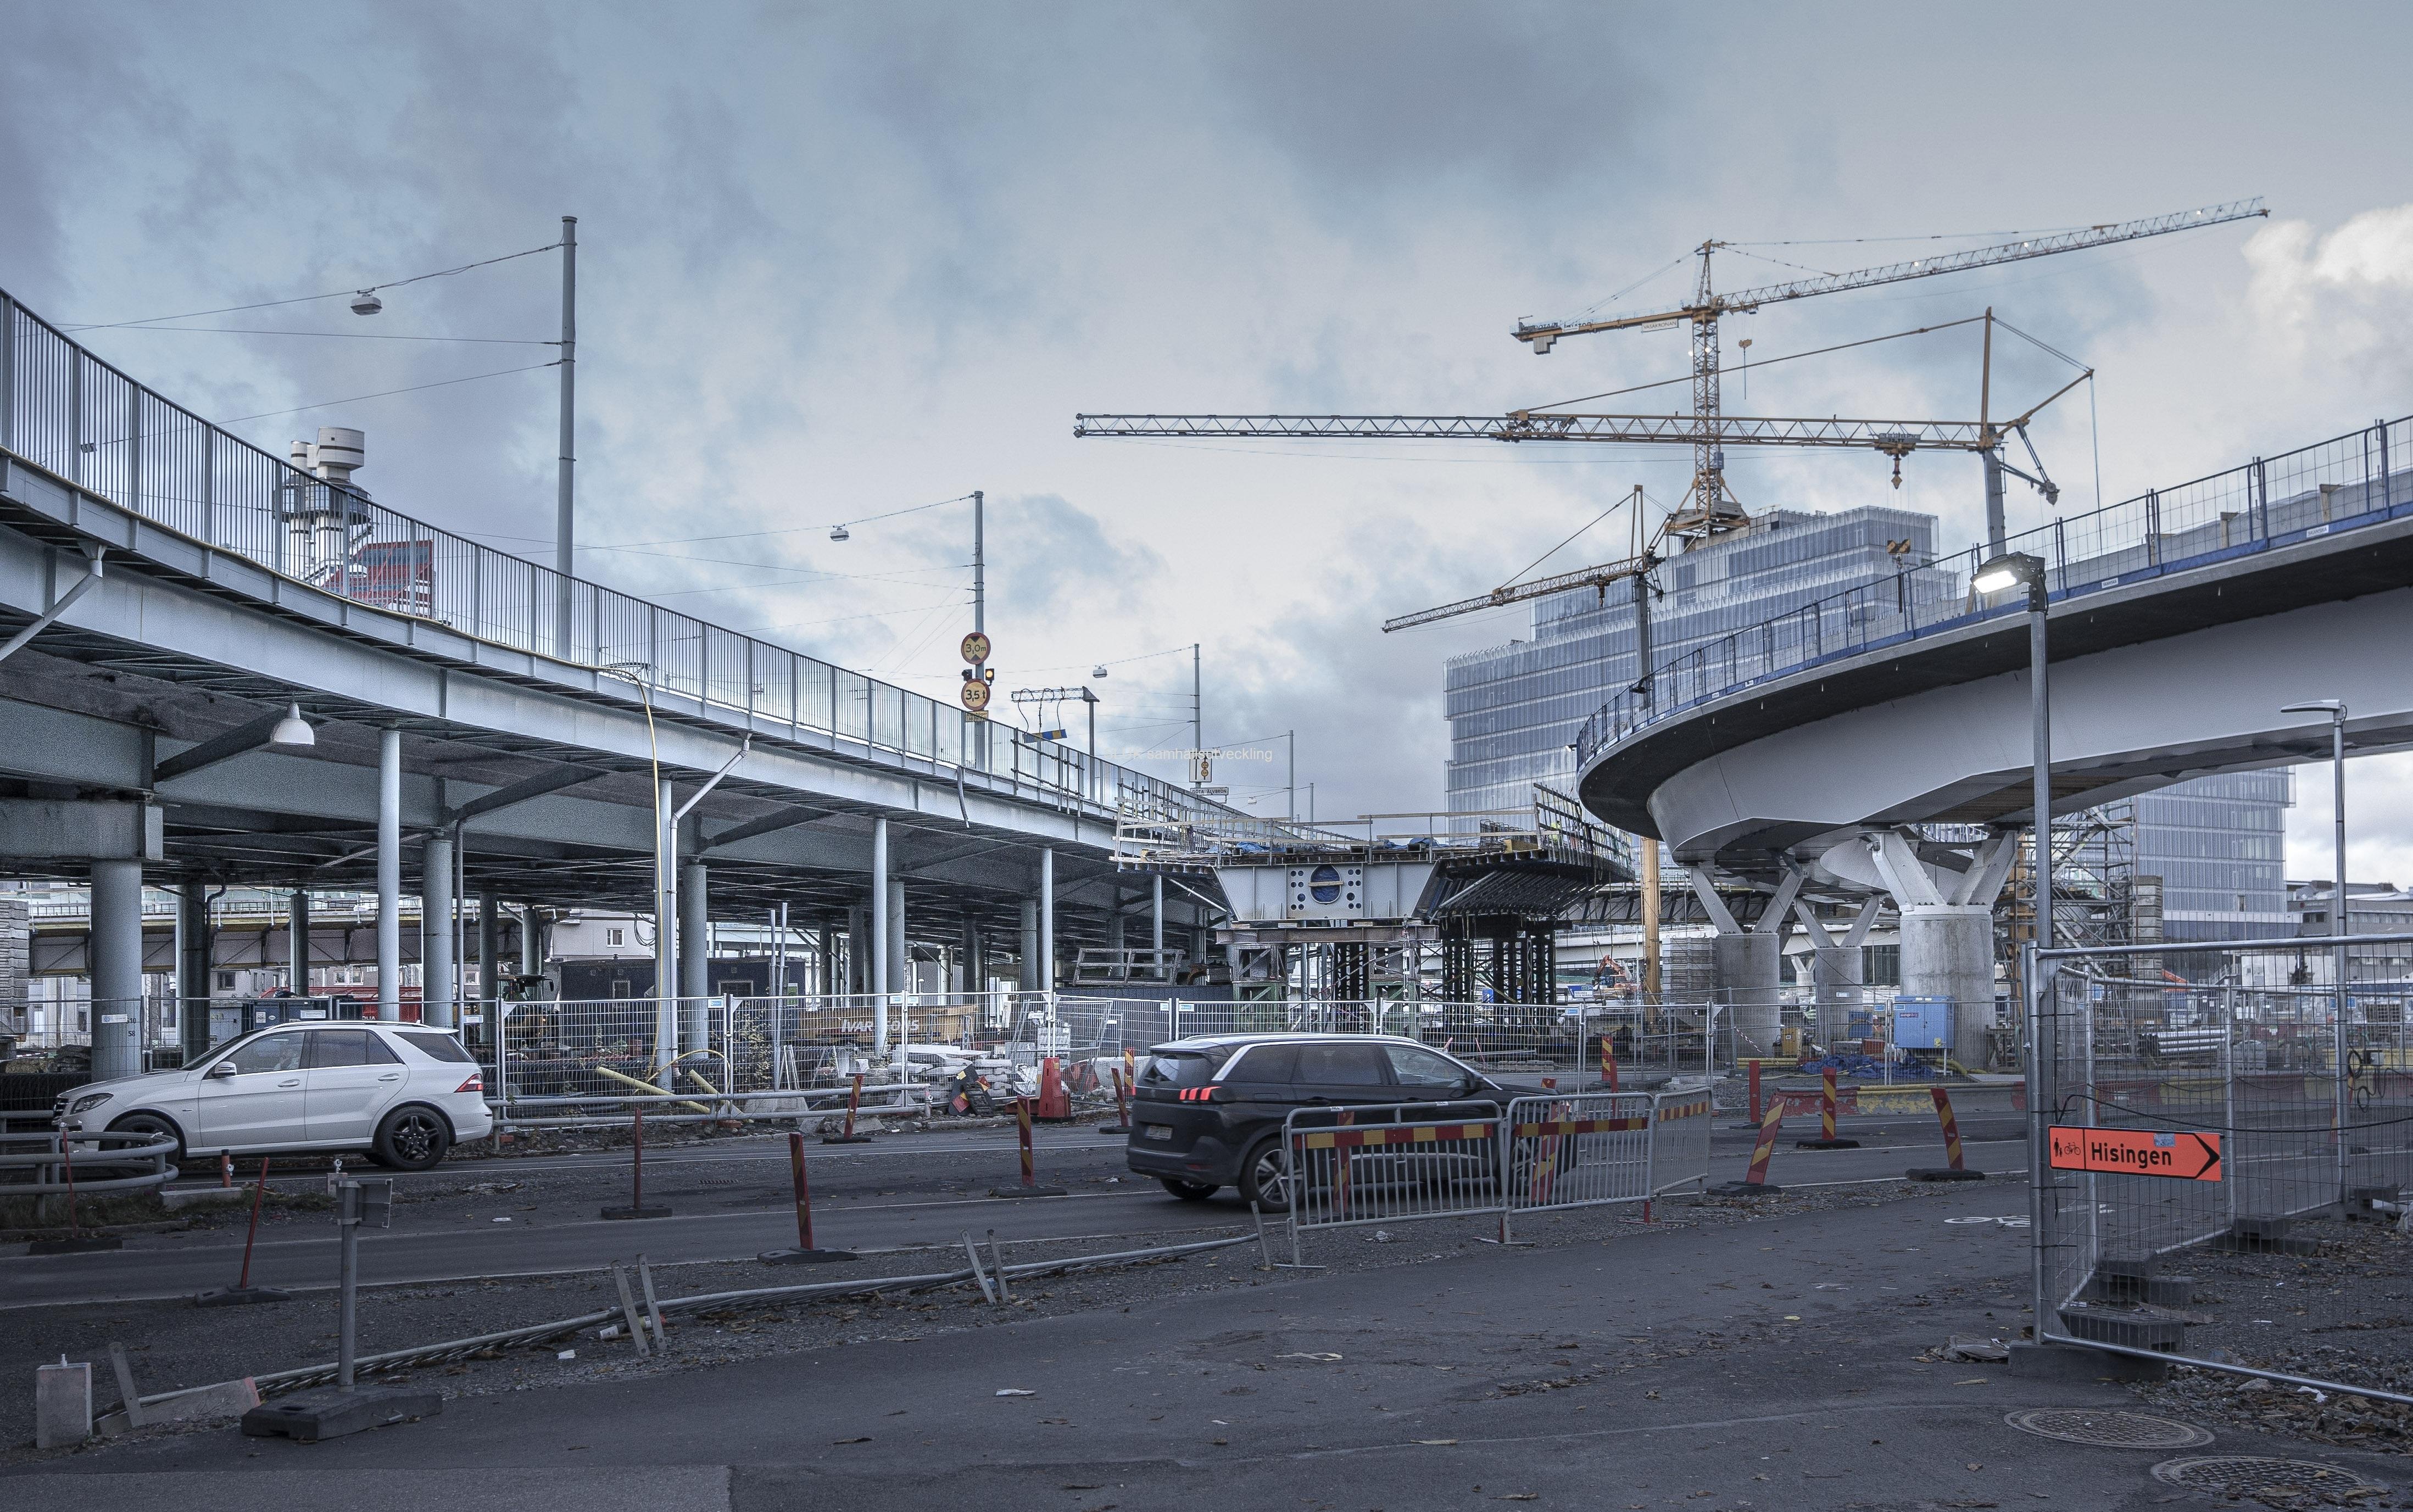 Götaälvbron och Hisingsbron korsars här.